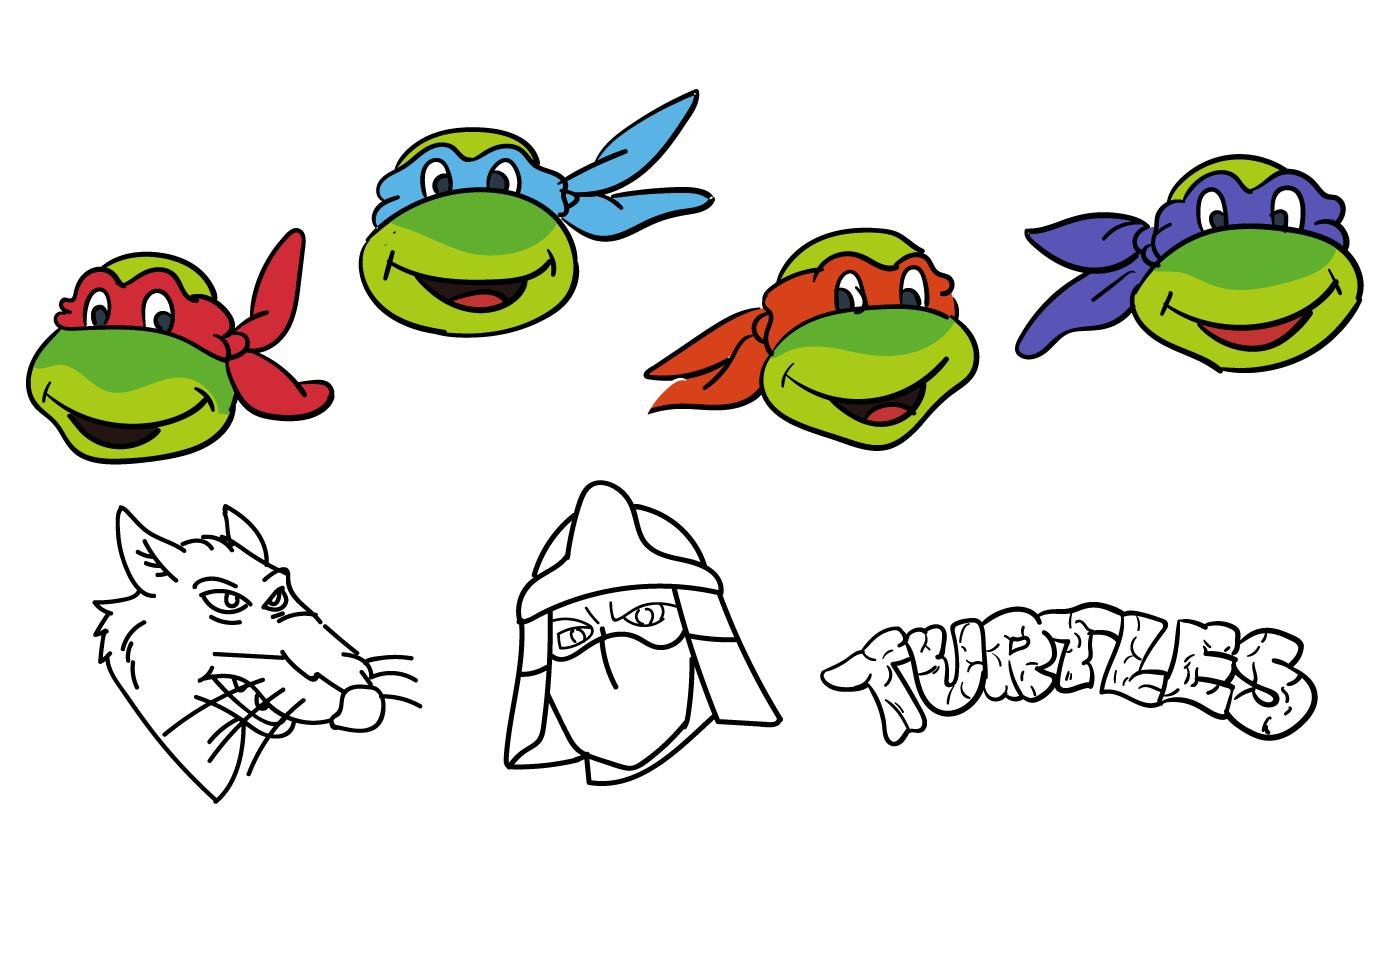 Ninja turtle printable faces